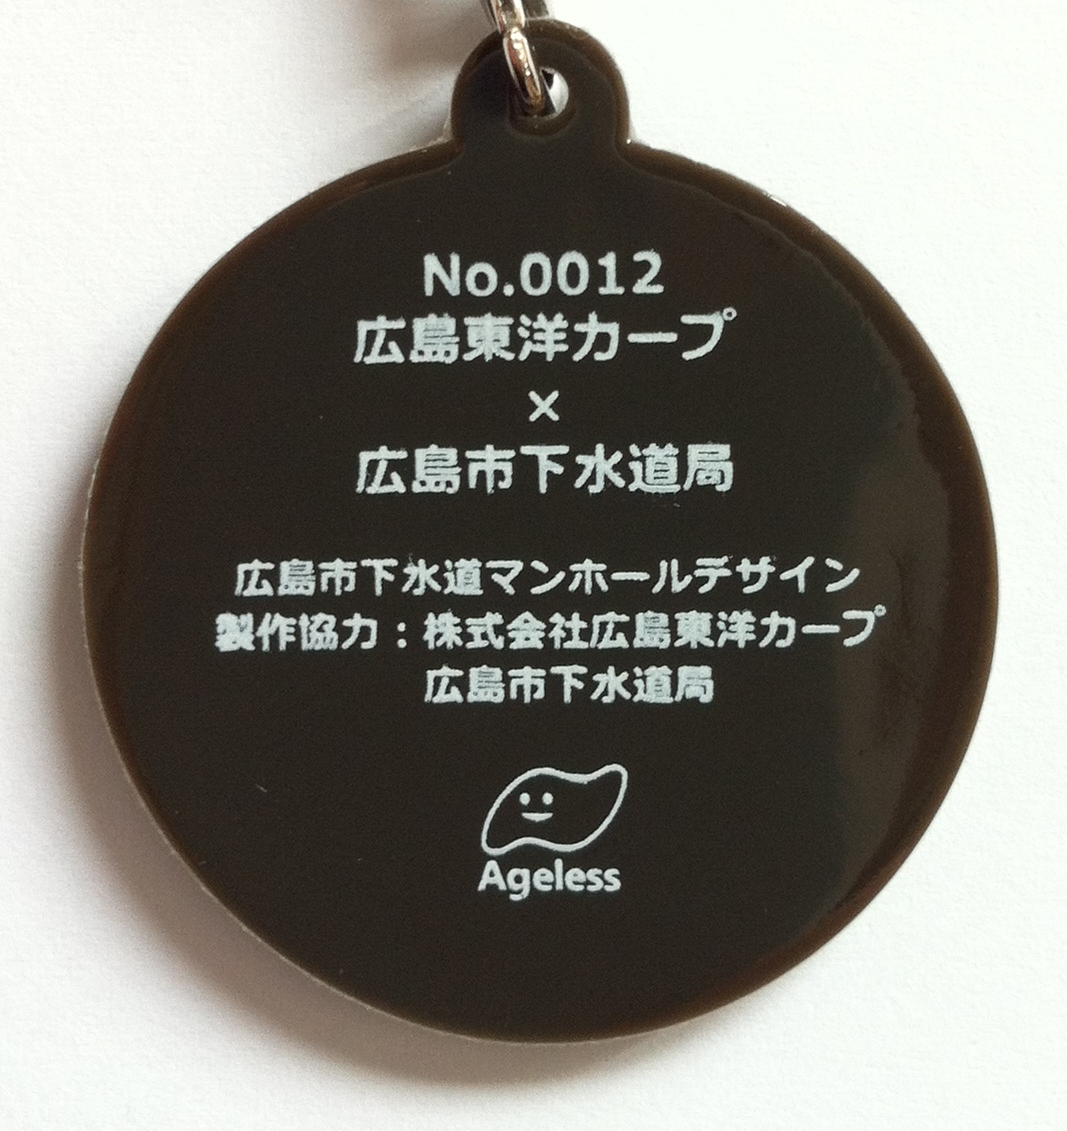 ご当地マンホールストラップ No.0012 広島東洋カープ×広島市下水道局